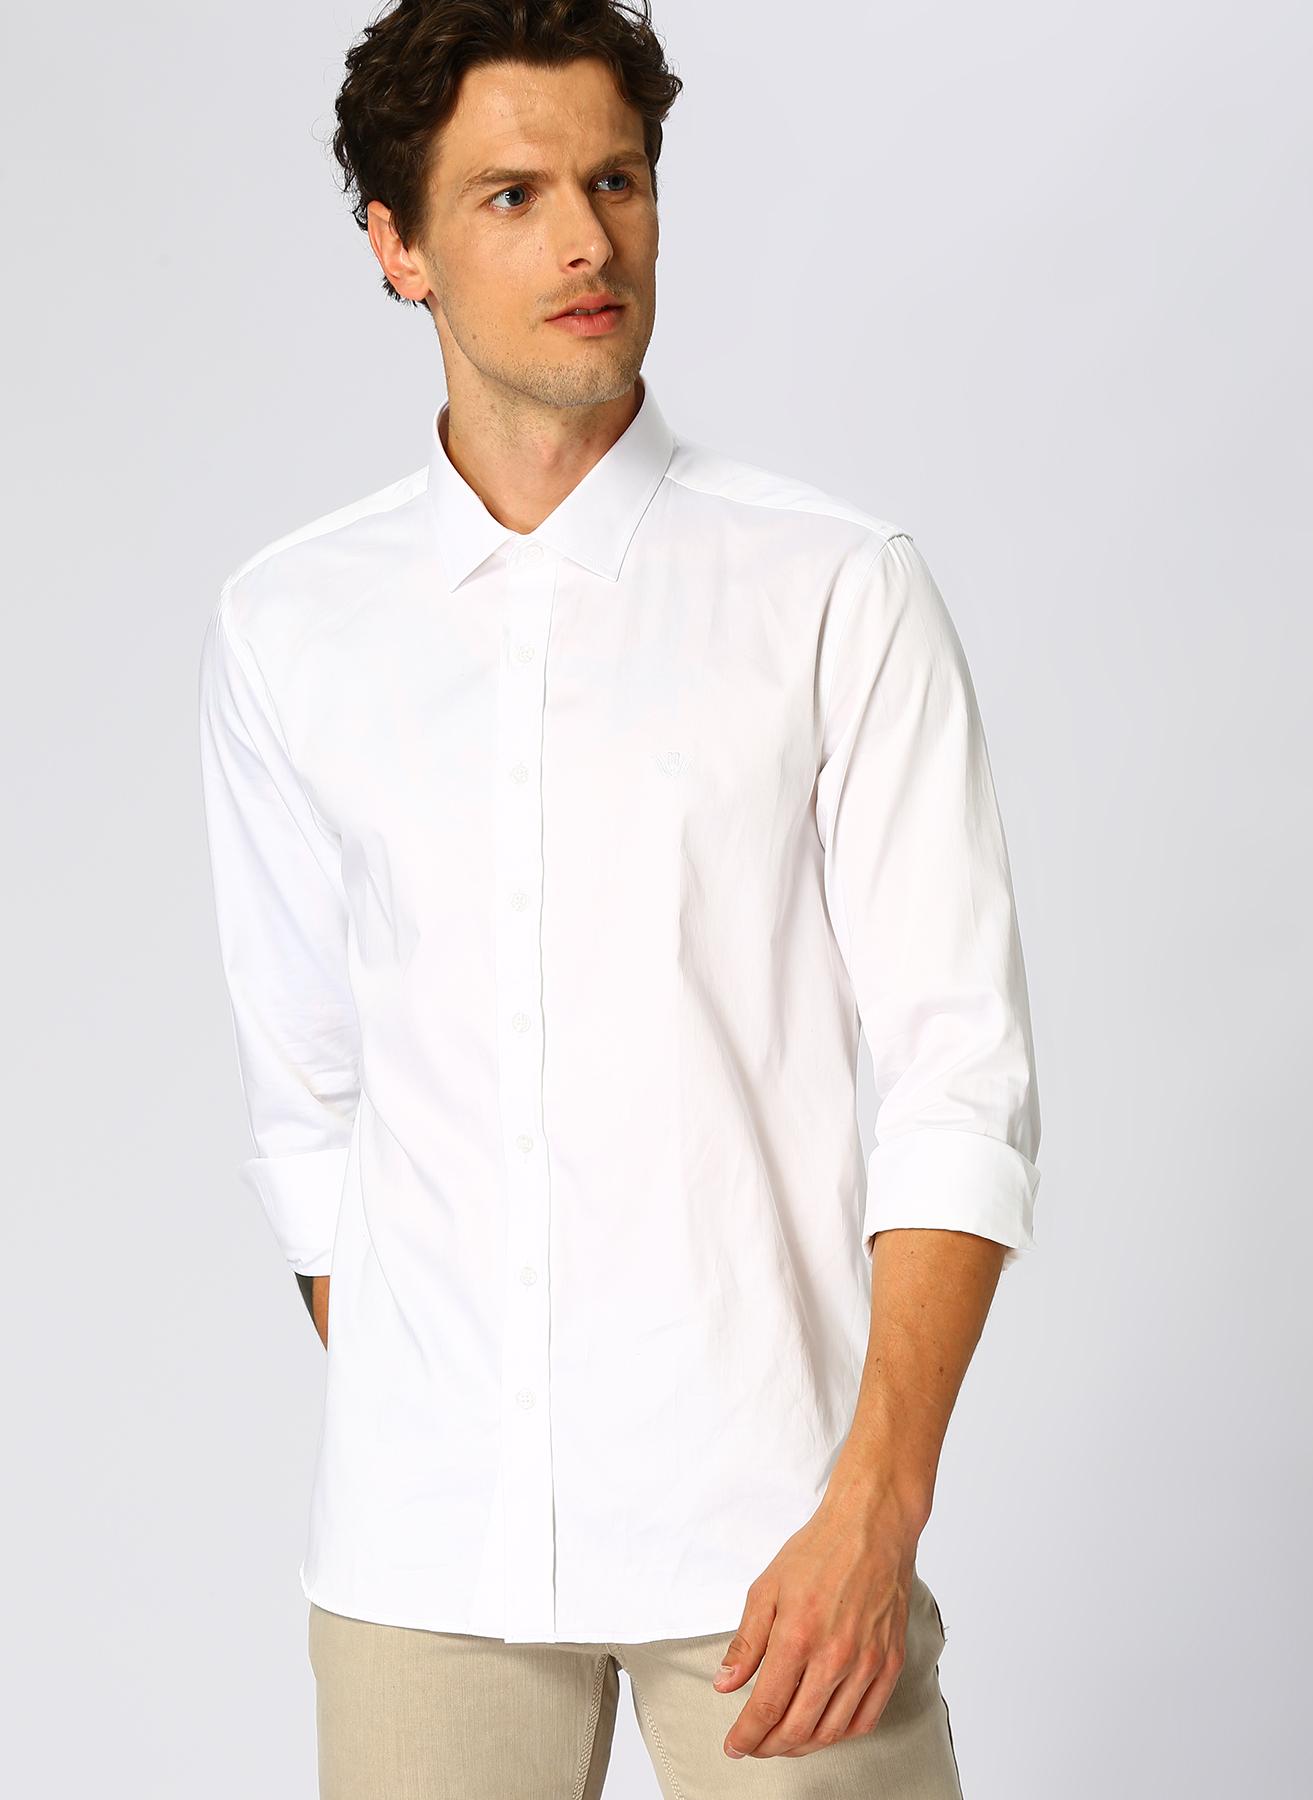 Beymen Business Beyaz Gömlek L 5002320902002 Ürün Resmi